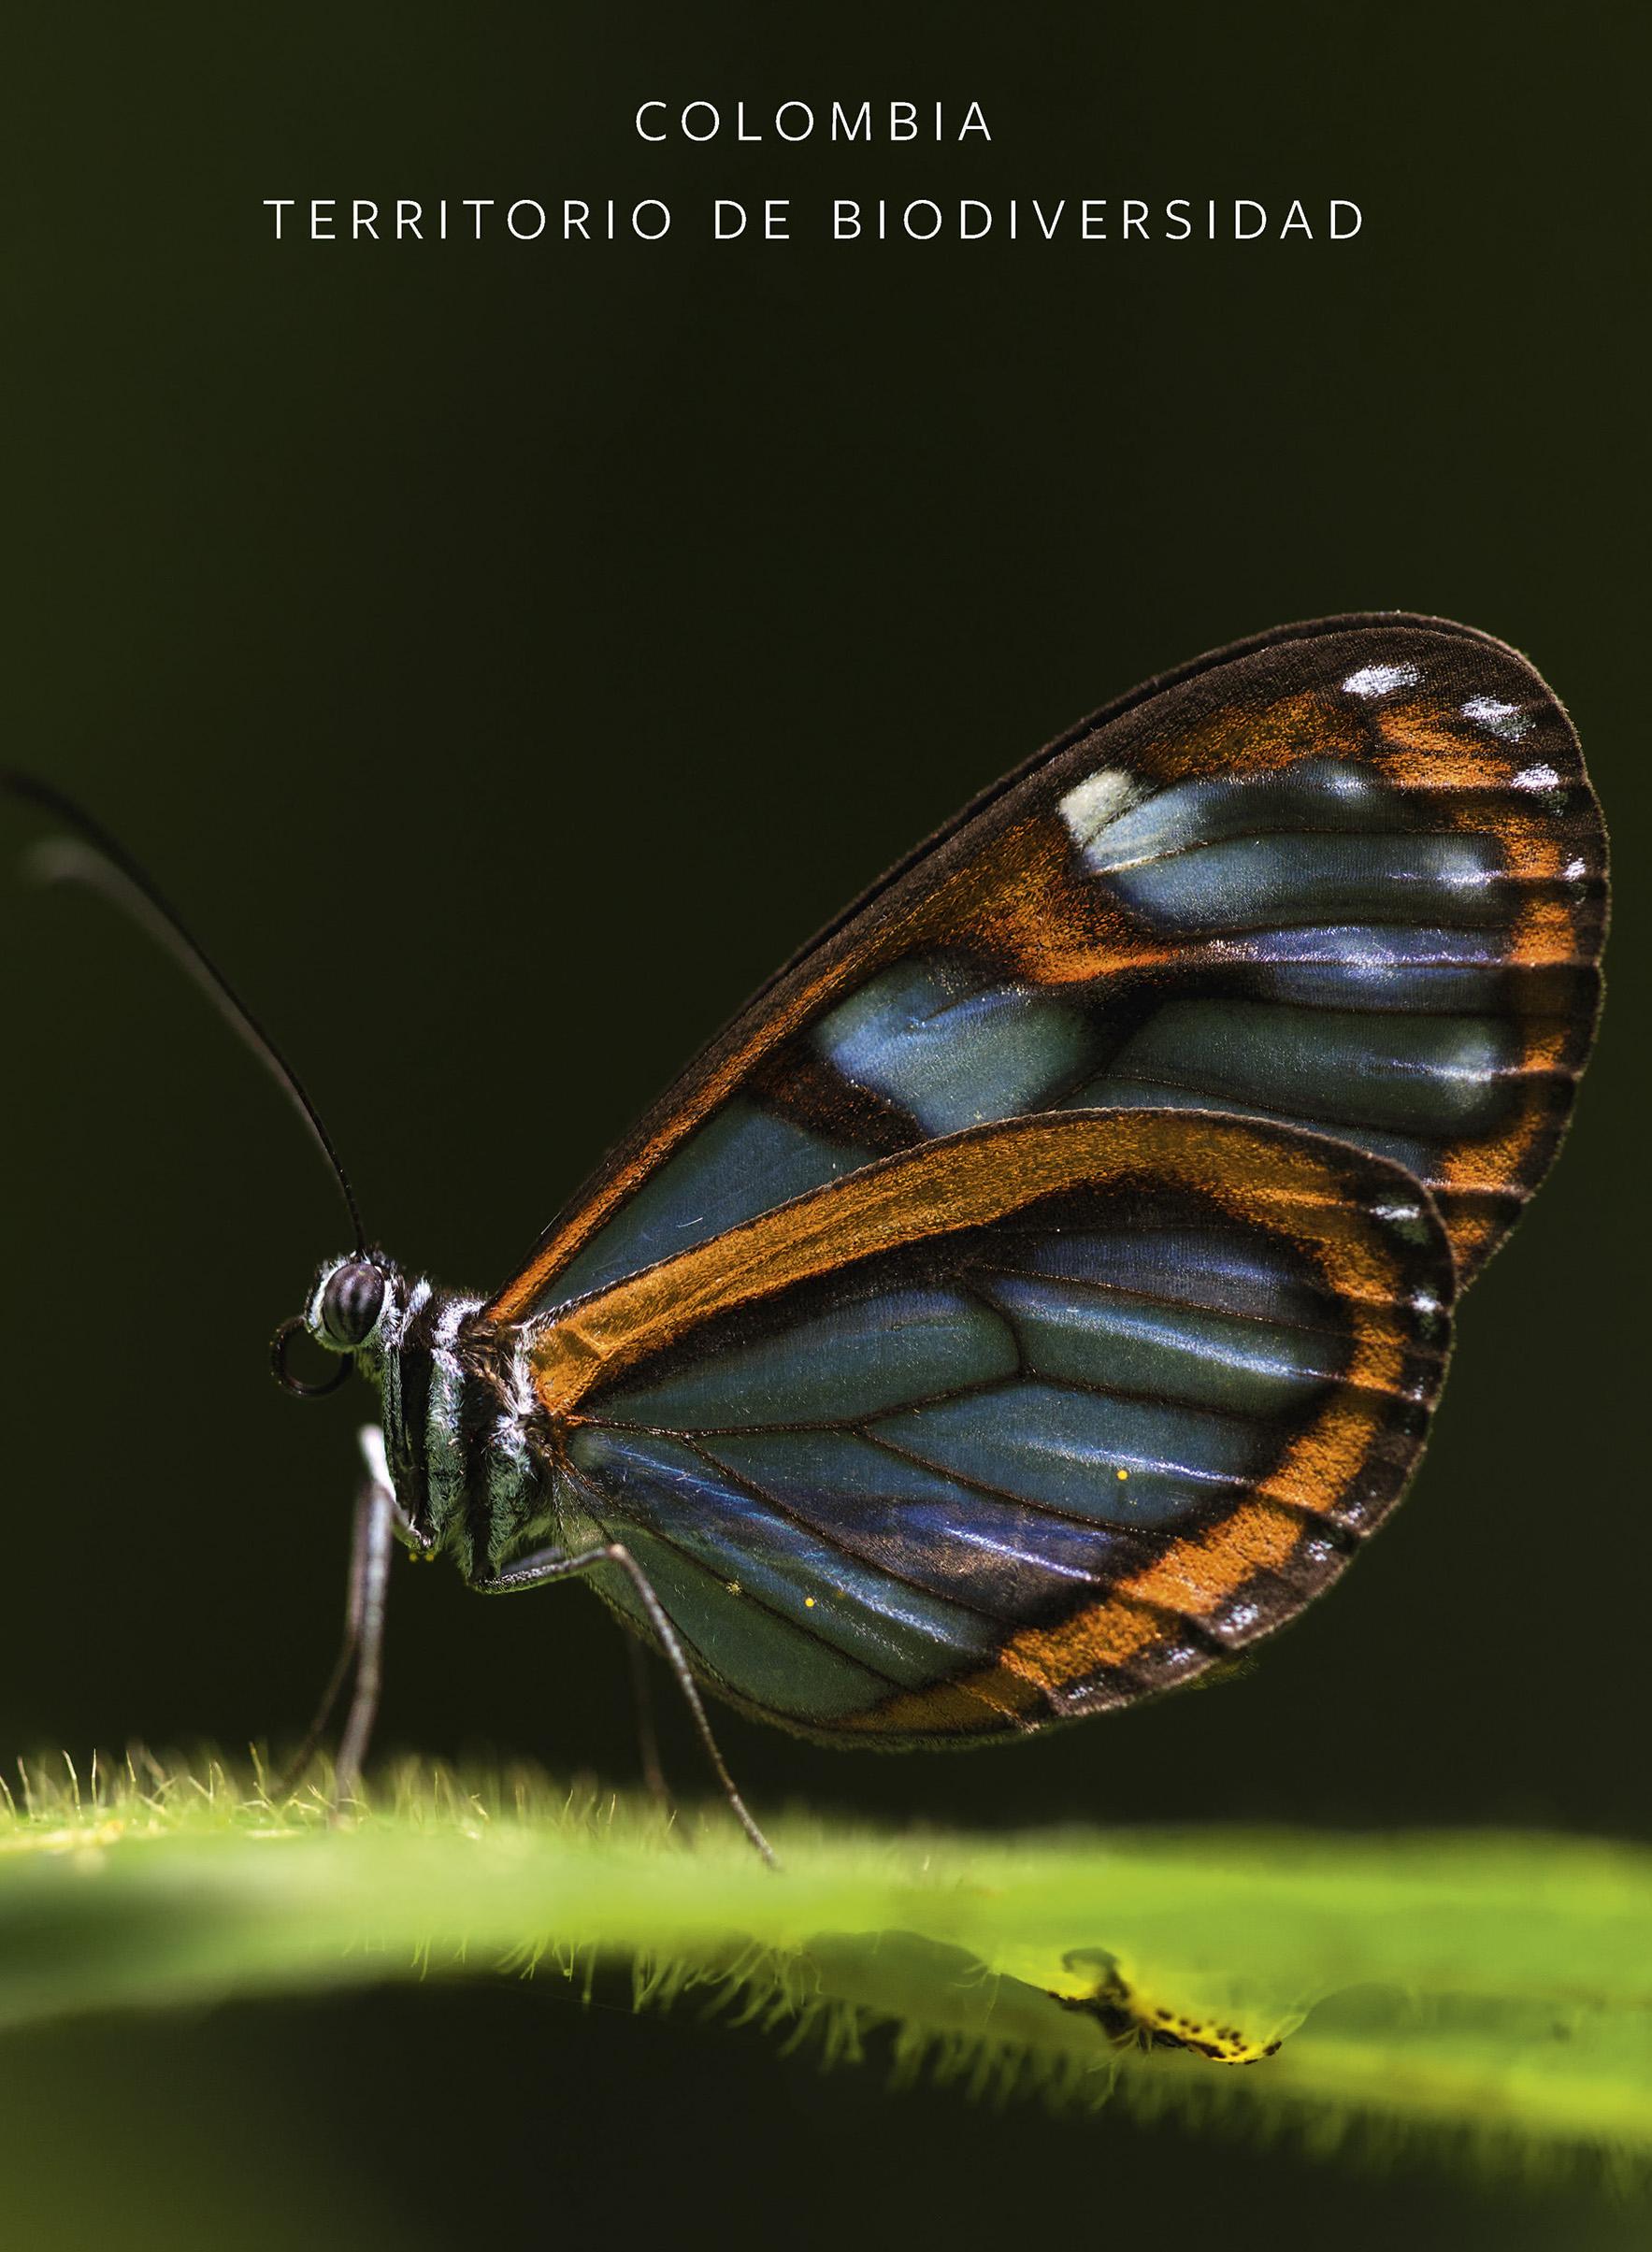 Colombia territorio de biodiversidad